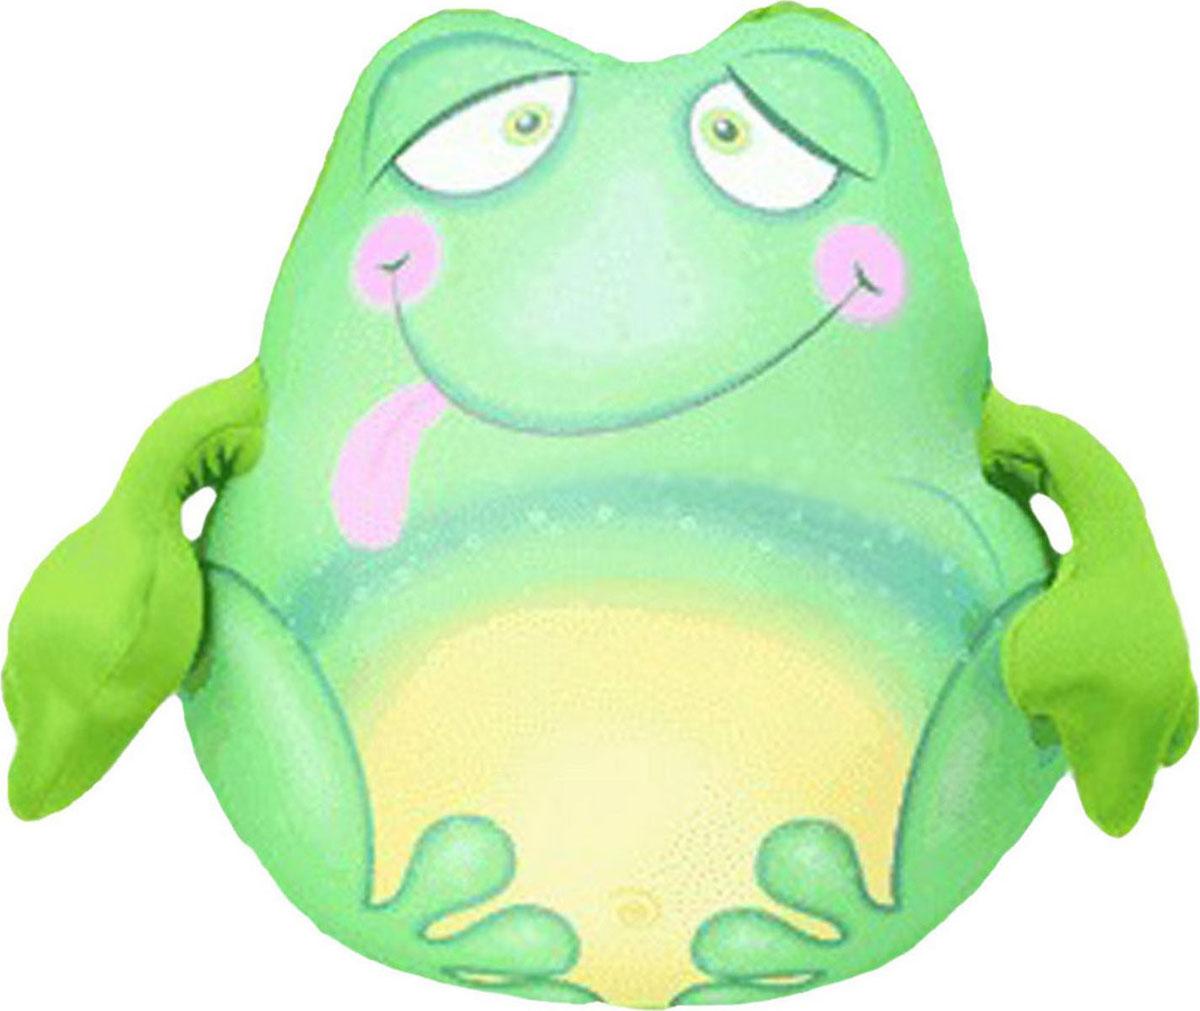 Подушка-игрушка антистрессовая Штучки, к которым тянутся ручки  Лягушонок Пончо . 13аси29гив - Мягкие игрушки